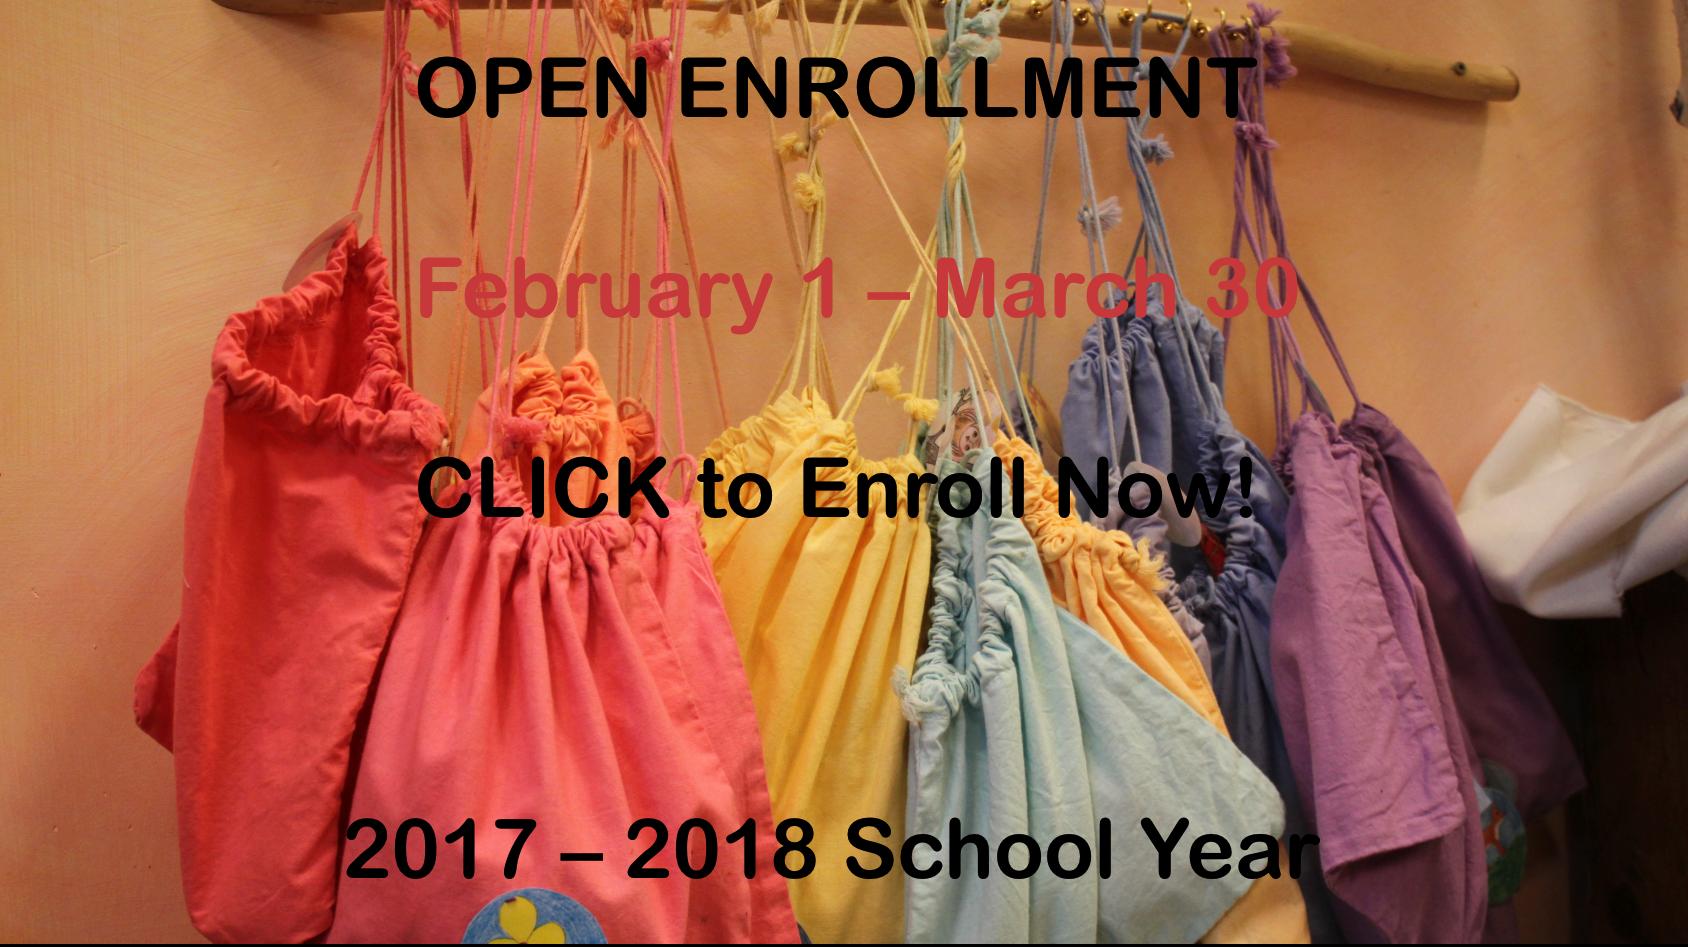 enrollment-open